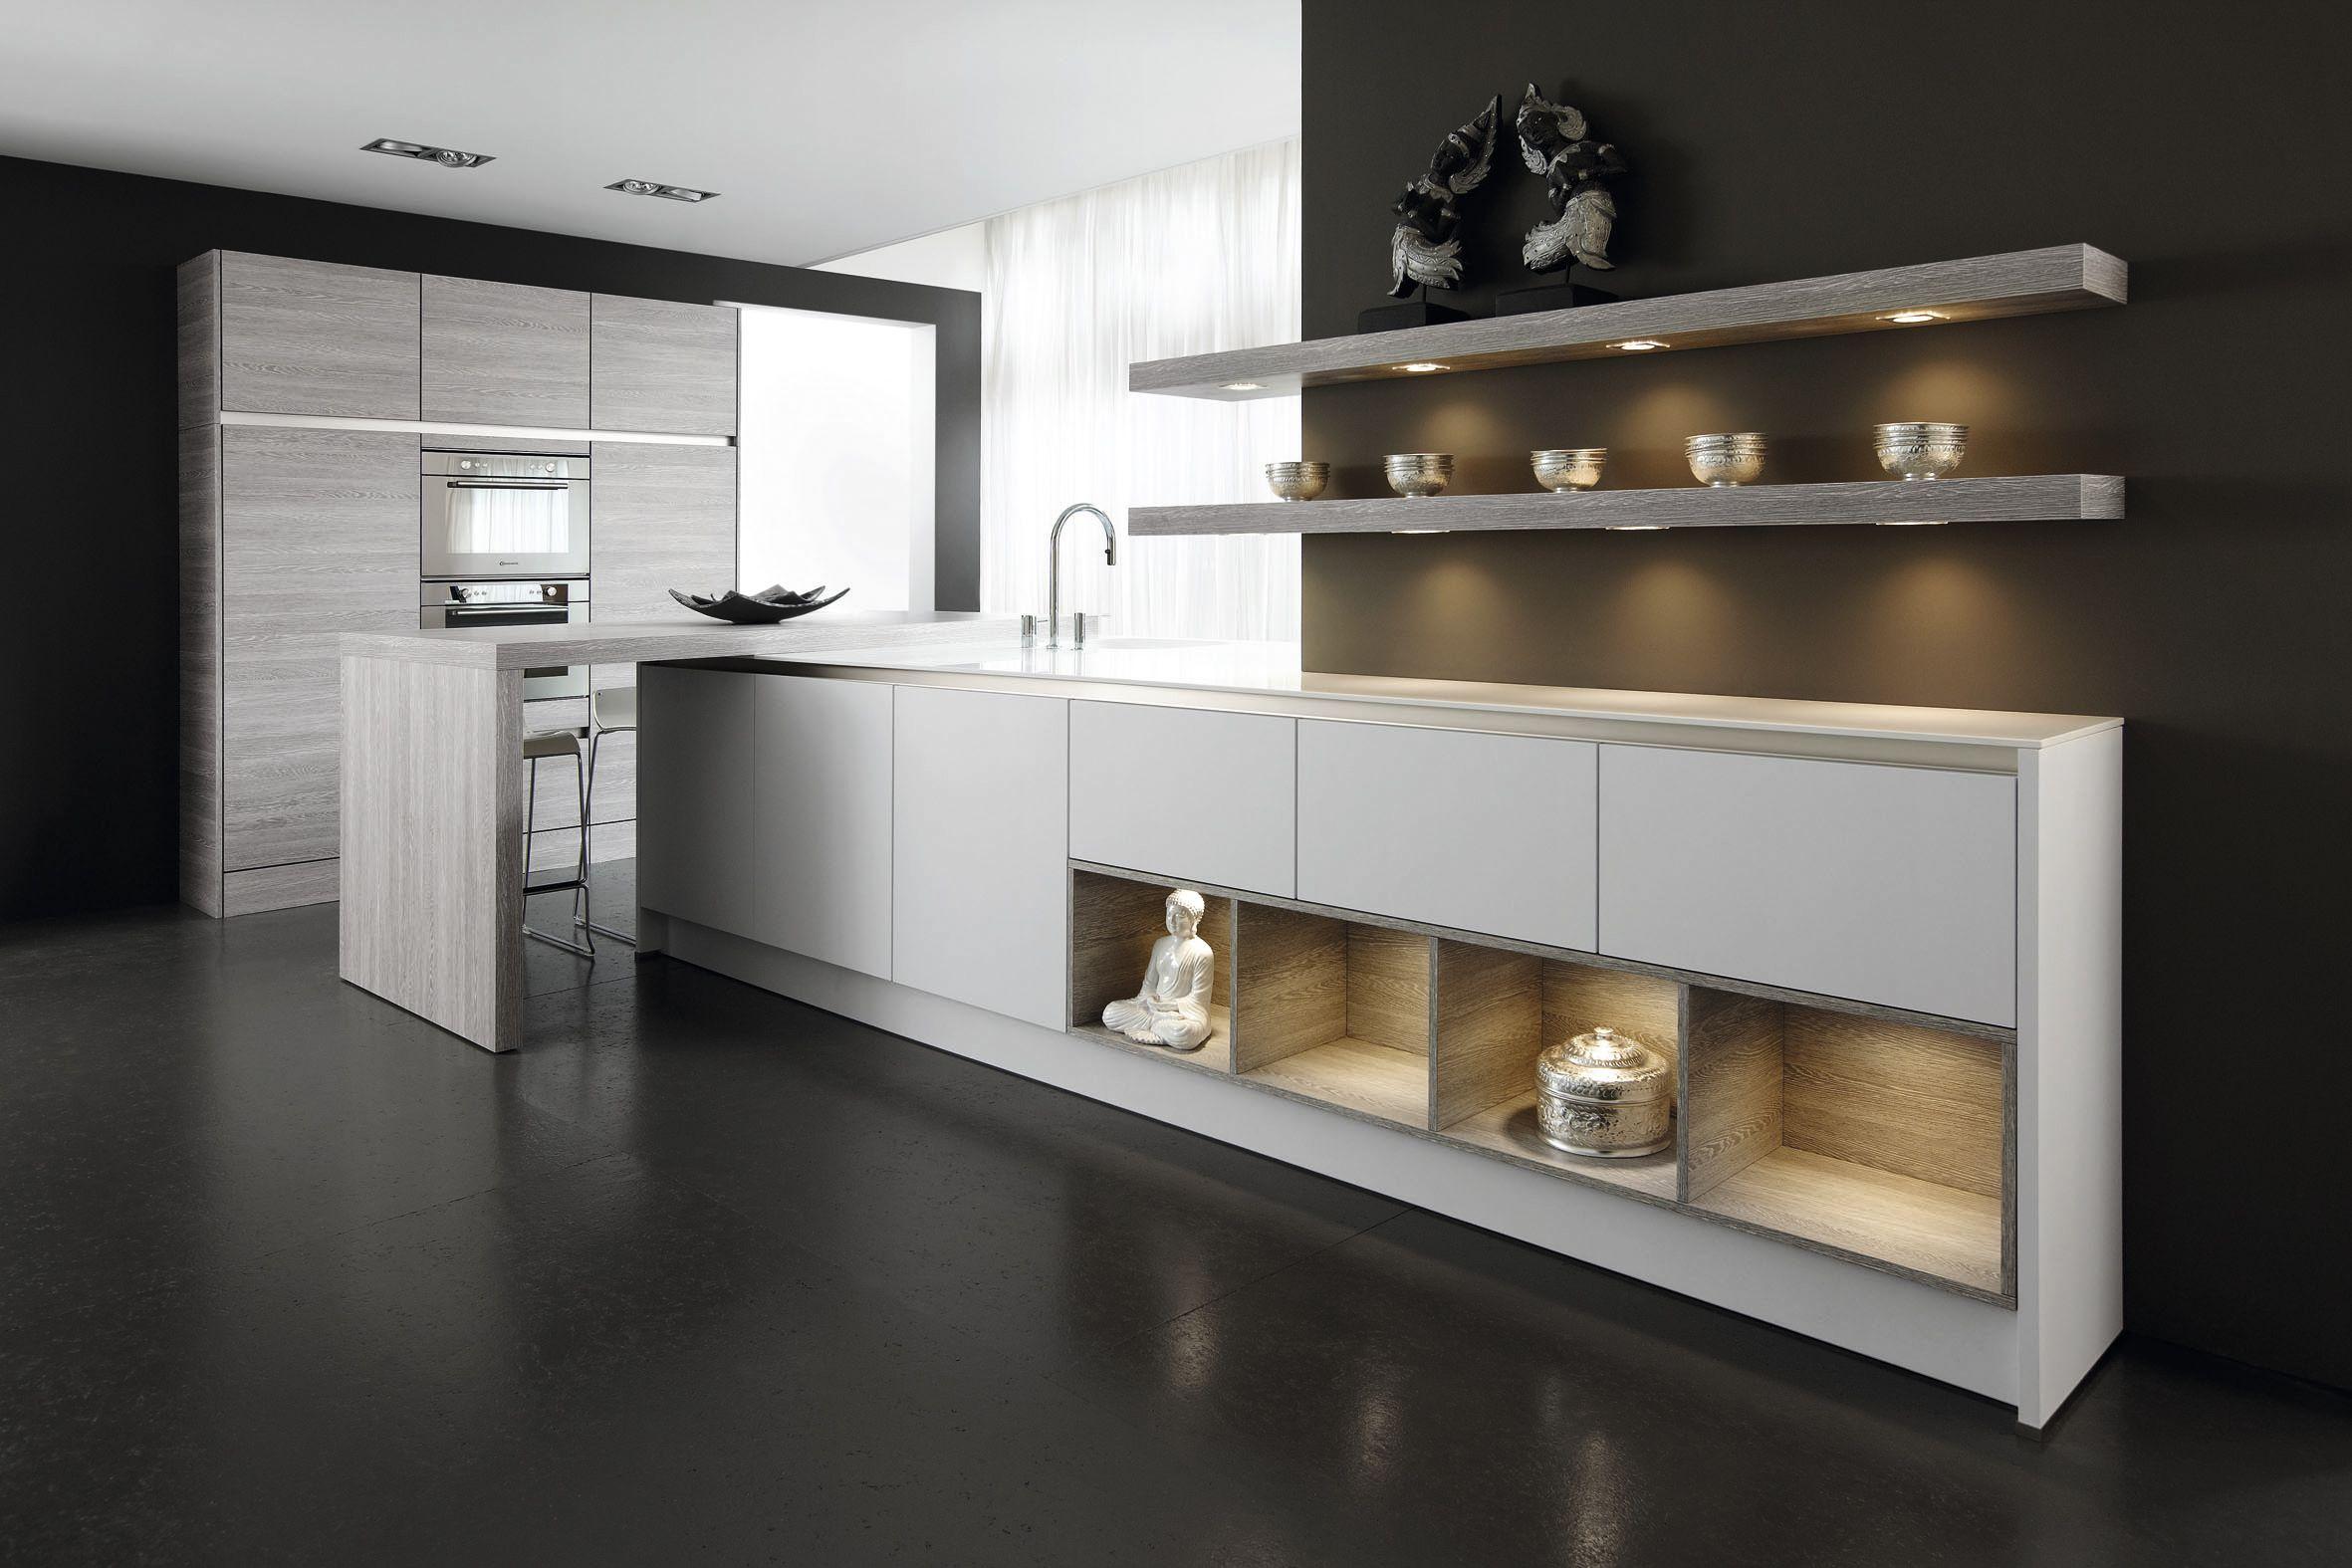 Bijzondere verlichting in de keukenkasten. in deze keuken is veel ...